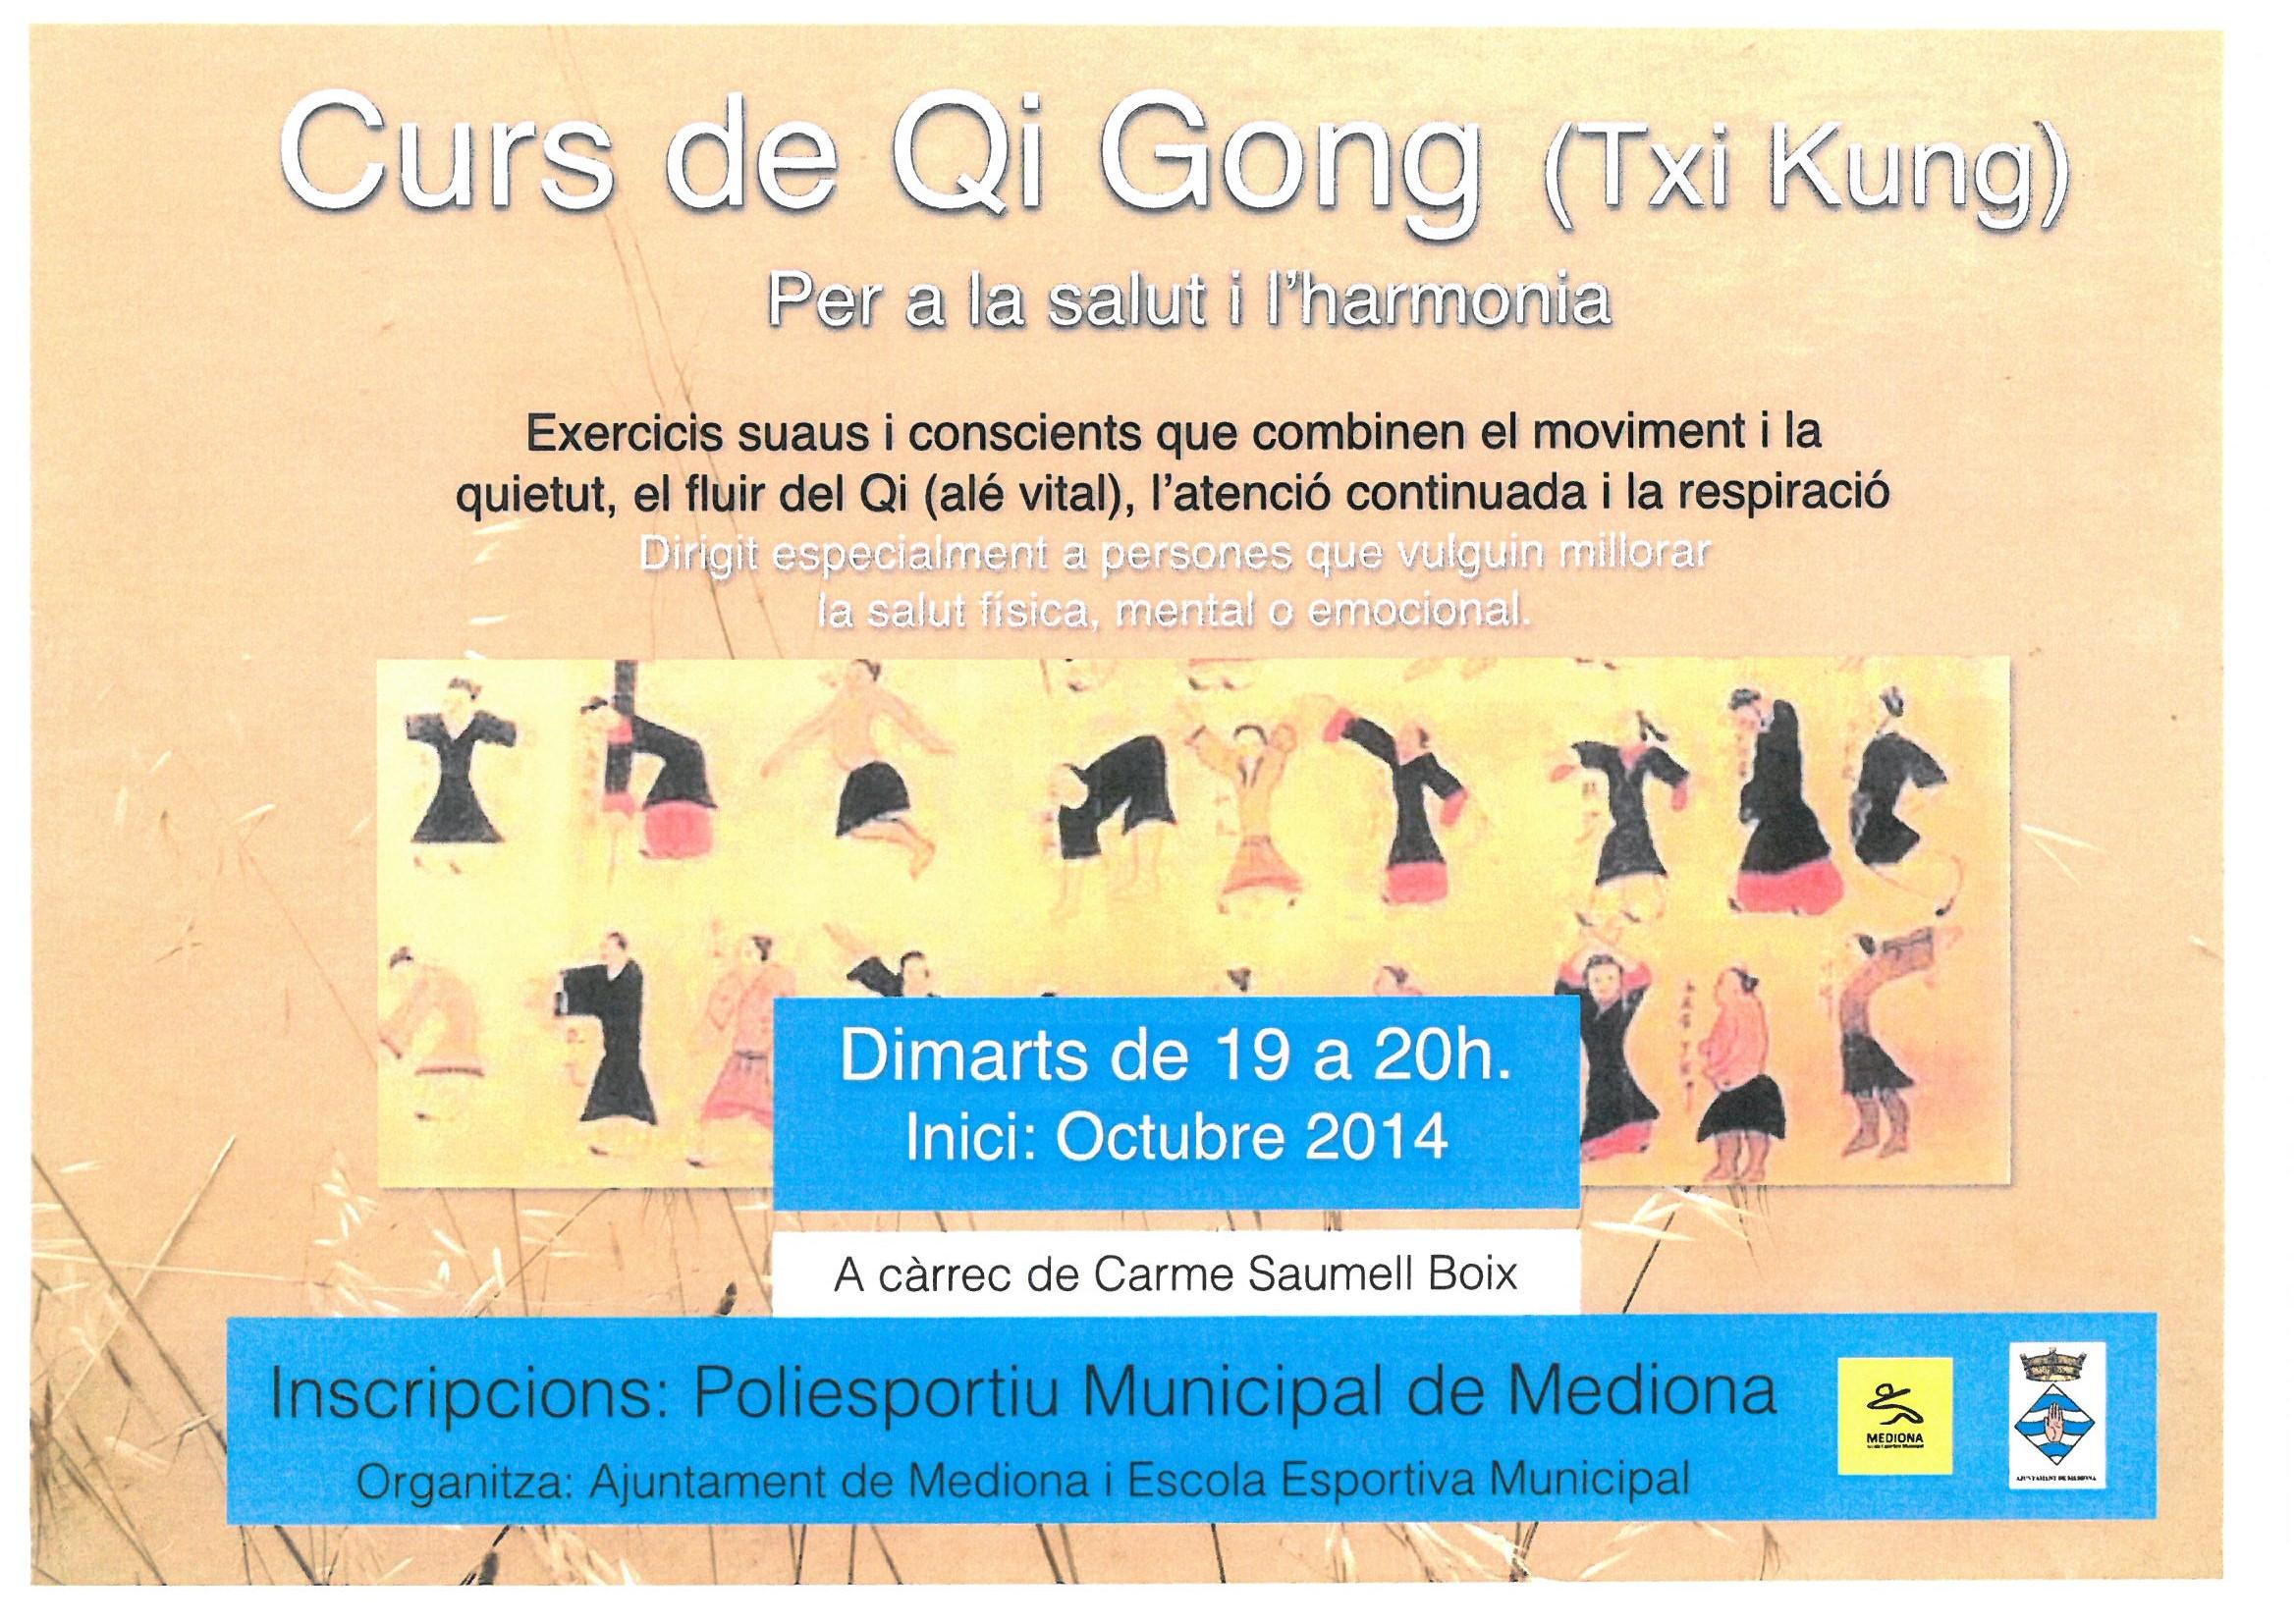 Curs Qui Gong